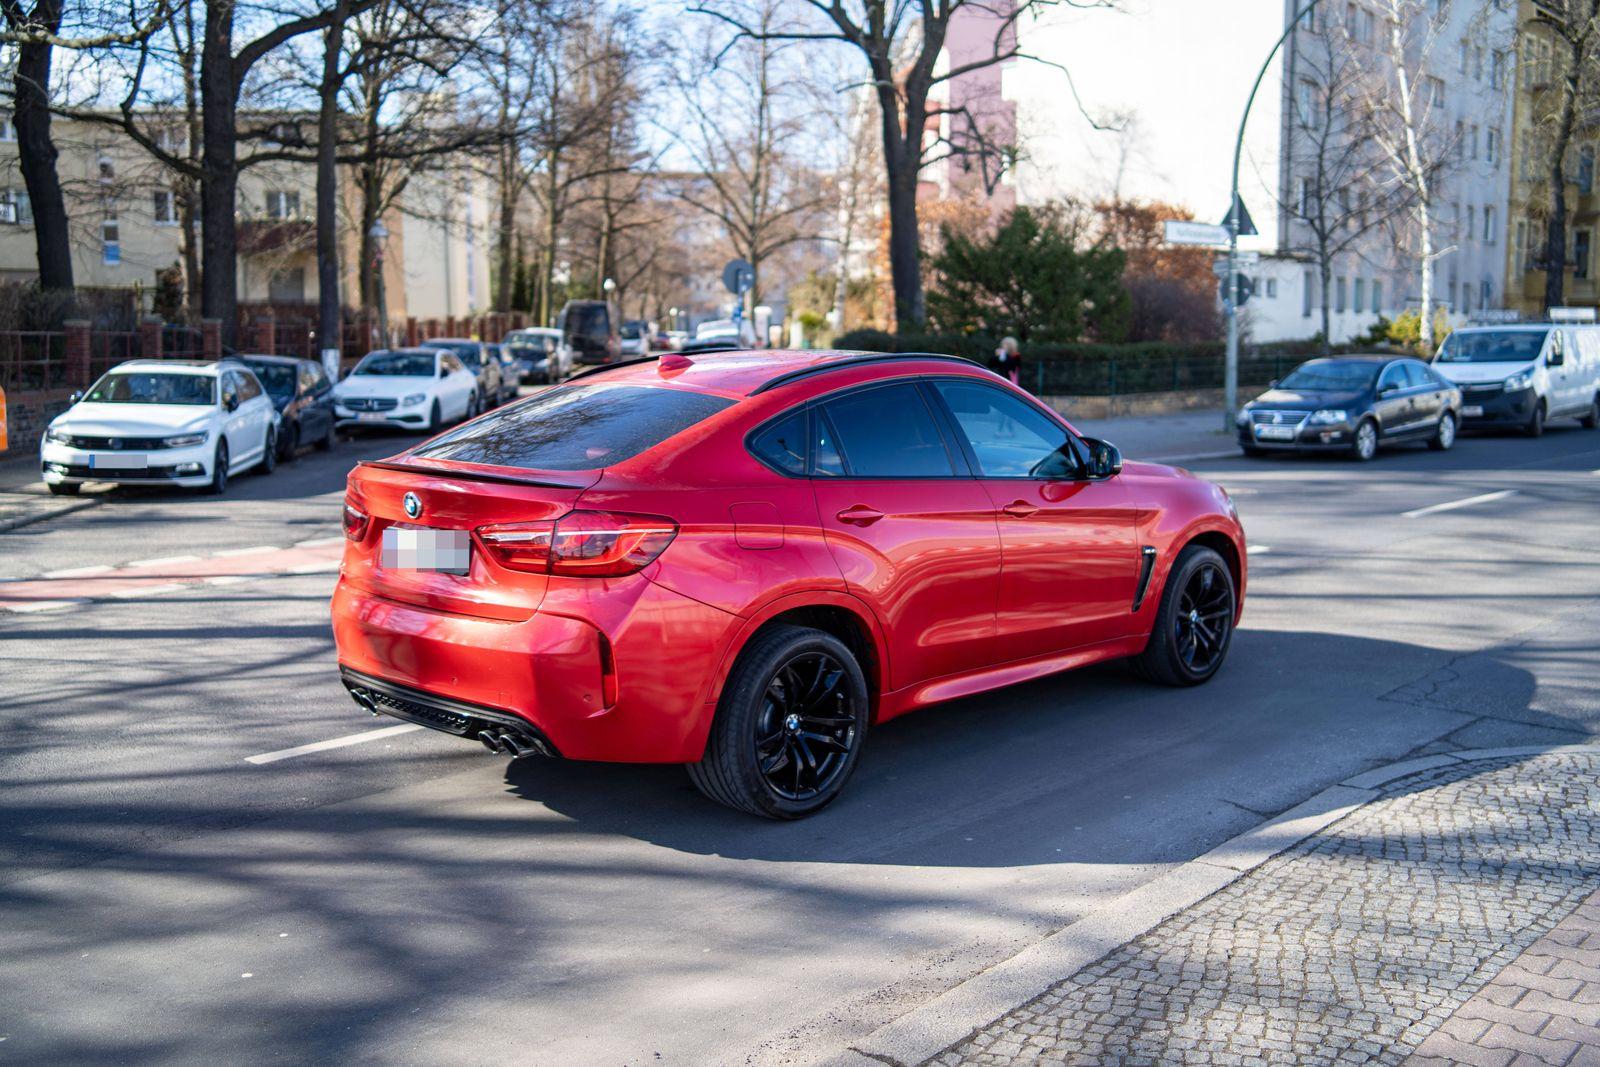 05.03.2021,Berlin,Deutschland,GER,SUV BMW X6 gesehen im Bezirk Wilmersdorf. *** 05 03 2021,Berlin,Germany,GER,SUV BMW X6